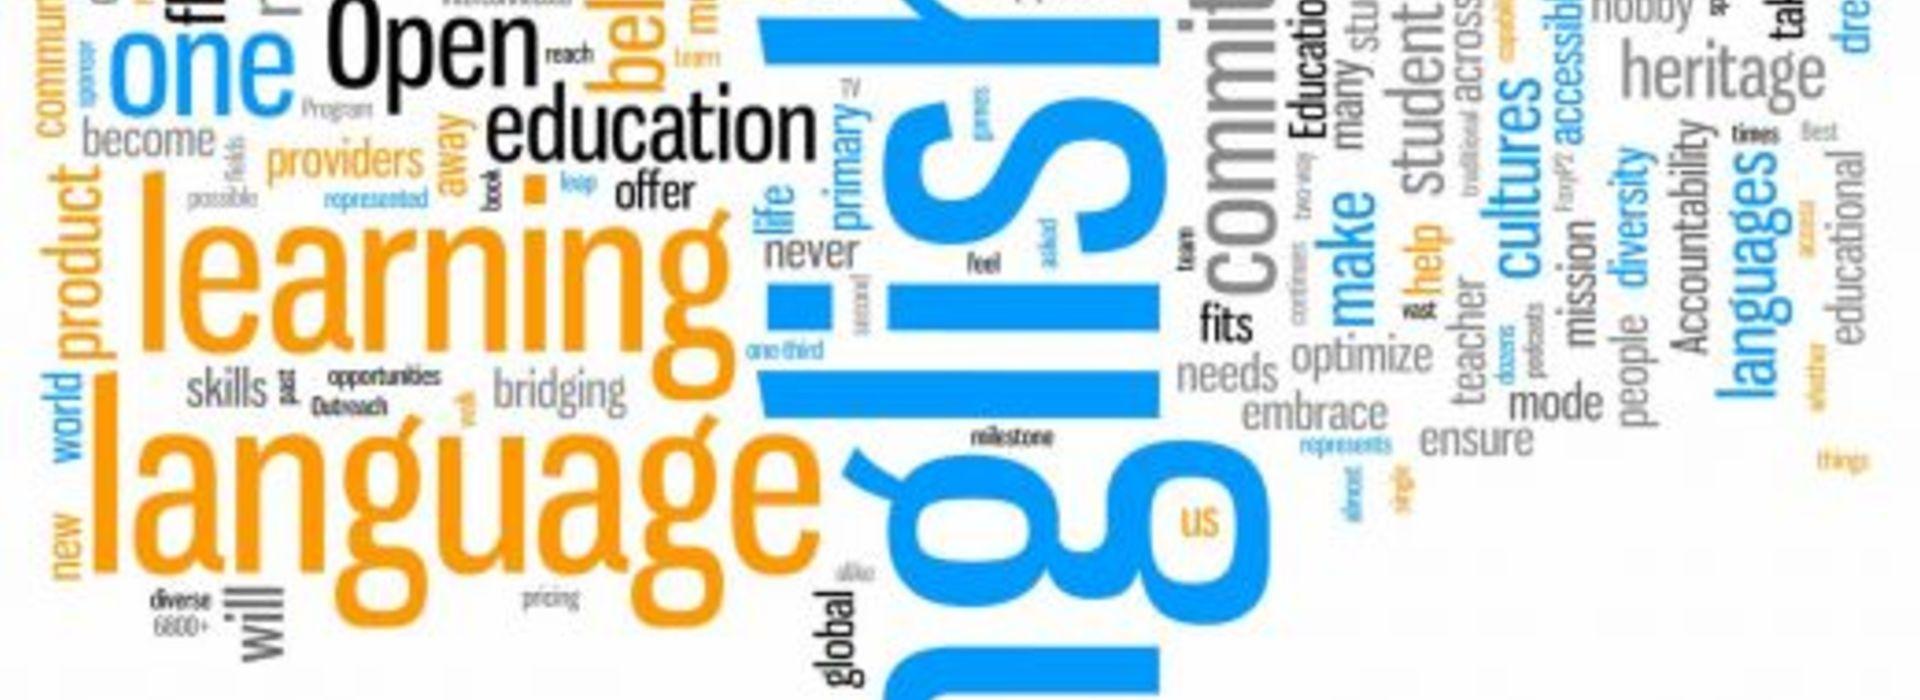 Кафедра методики обучения английскому языку иделовой коммуникации